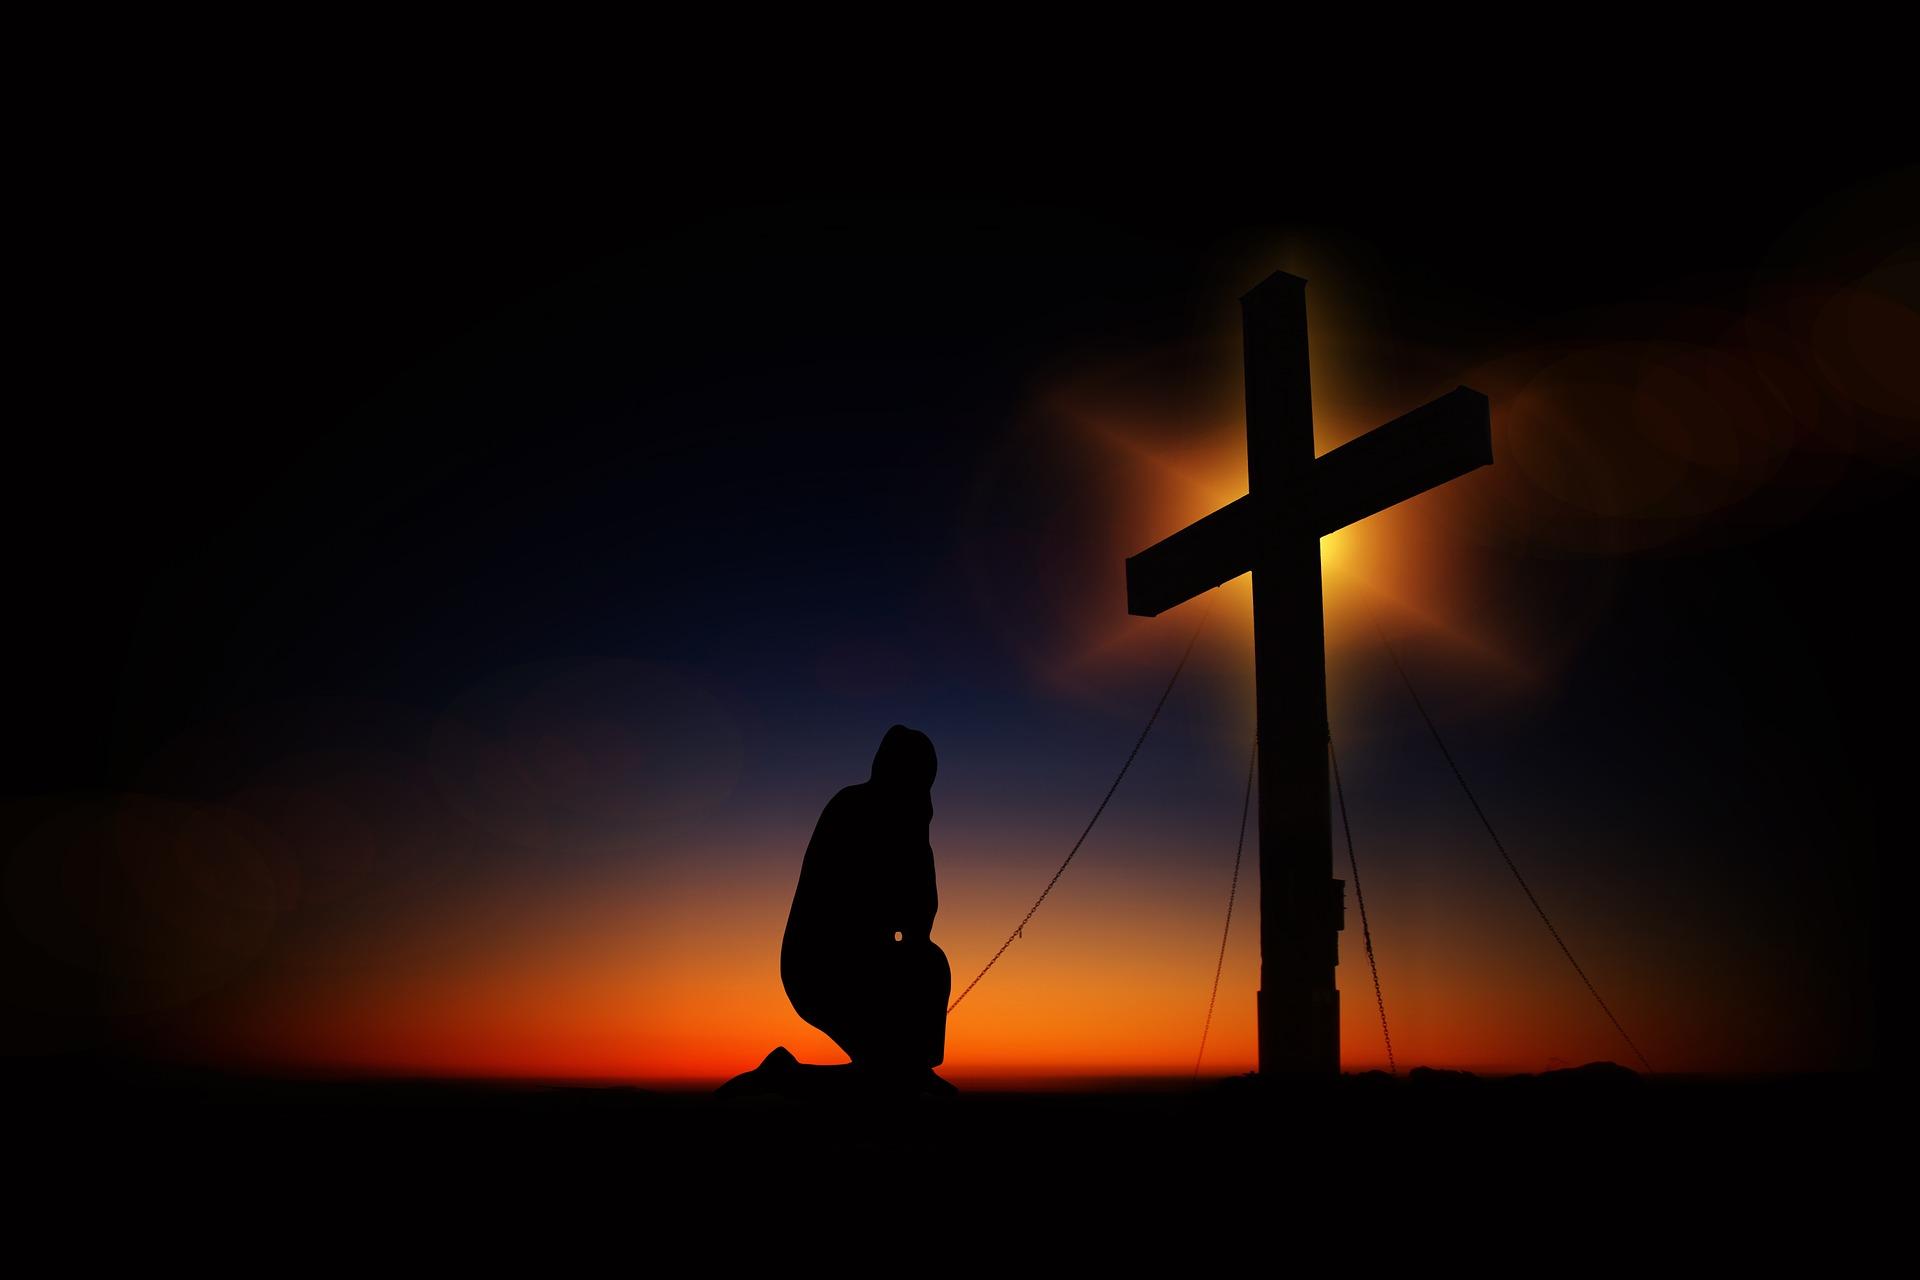 深い祈りで心を新たに。